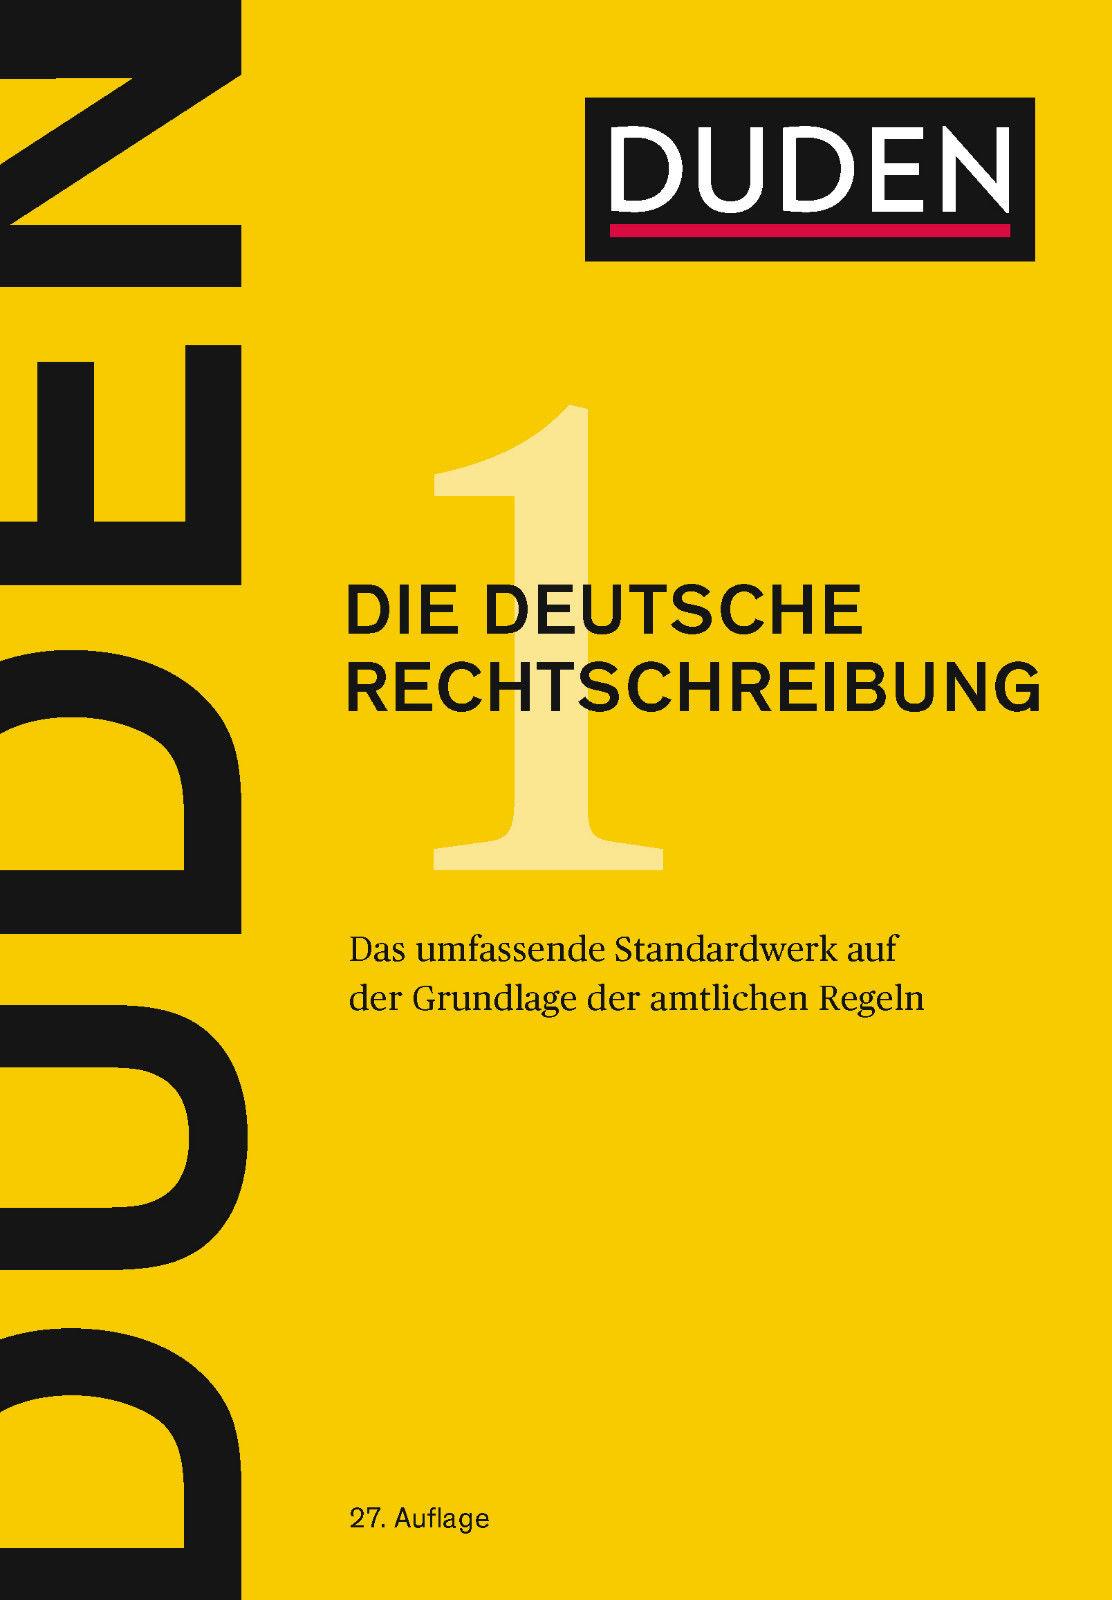 DUDEN - Die deutsche Rechtschreibung - NEUE AUFLAGE - 27. Auflage